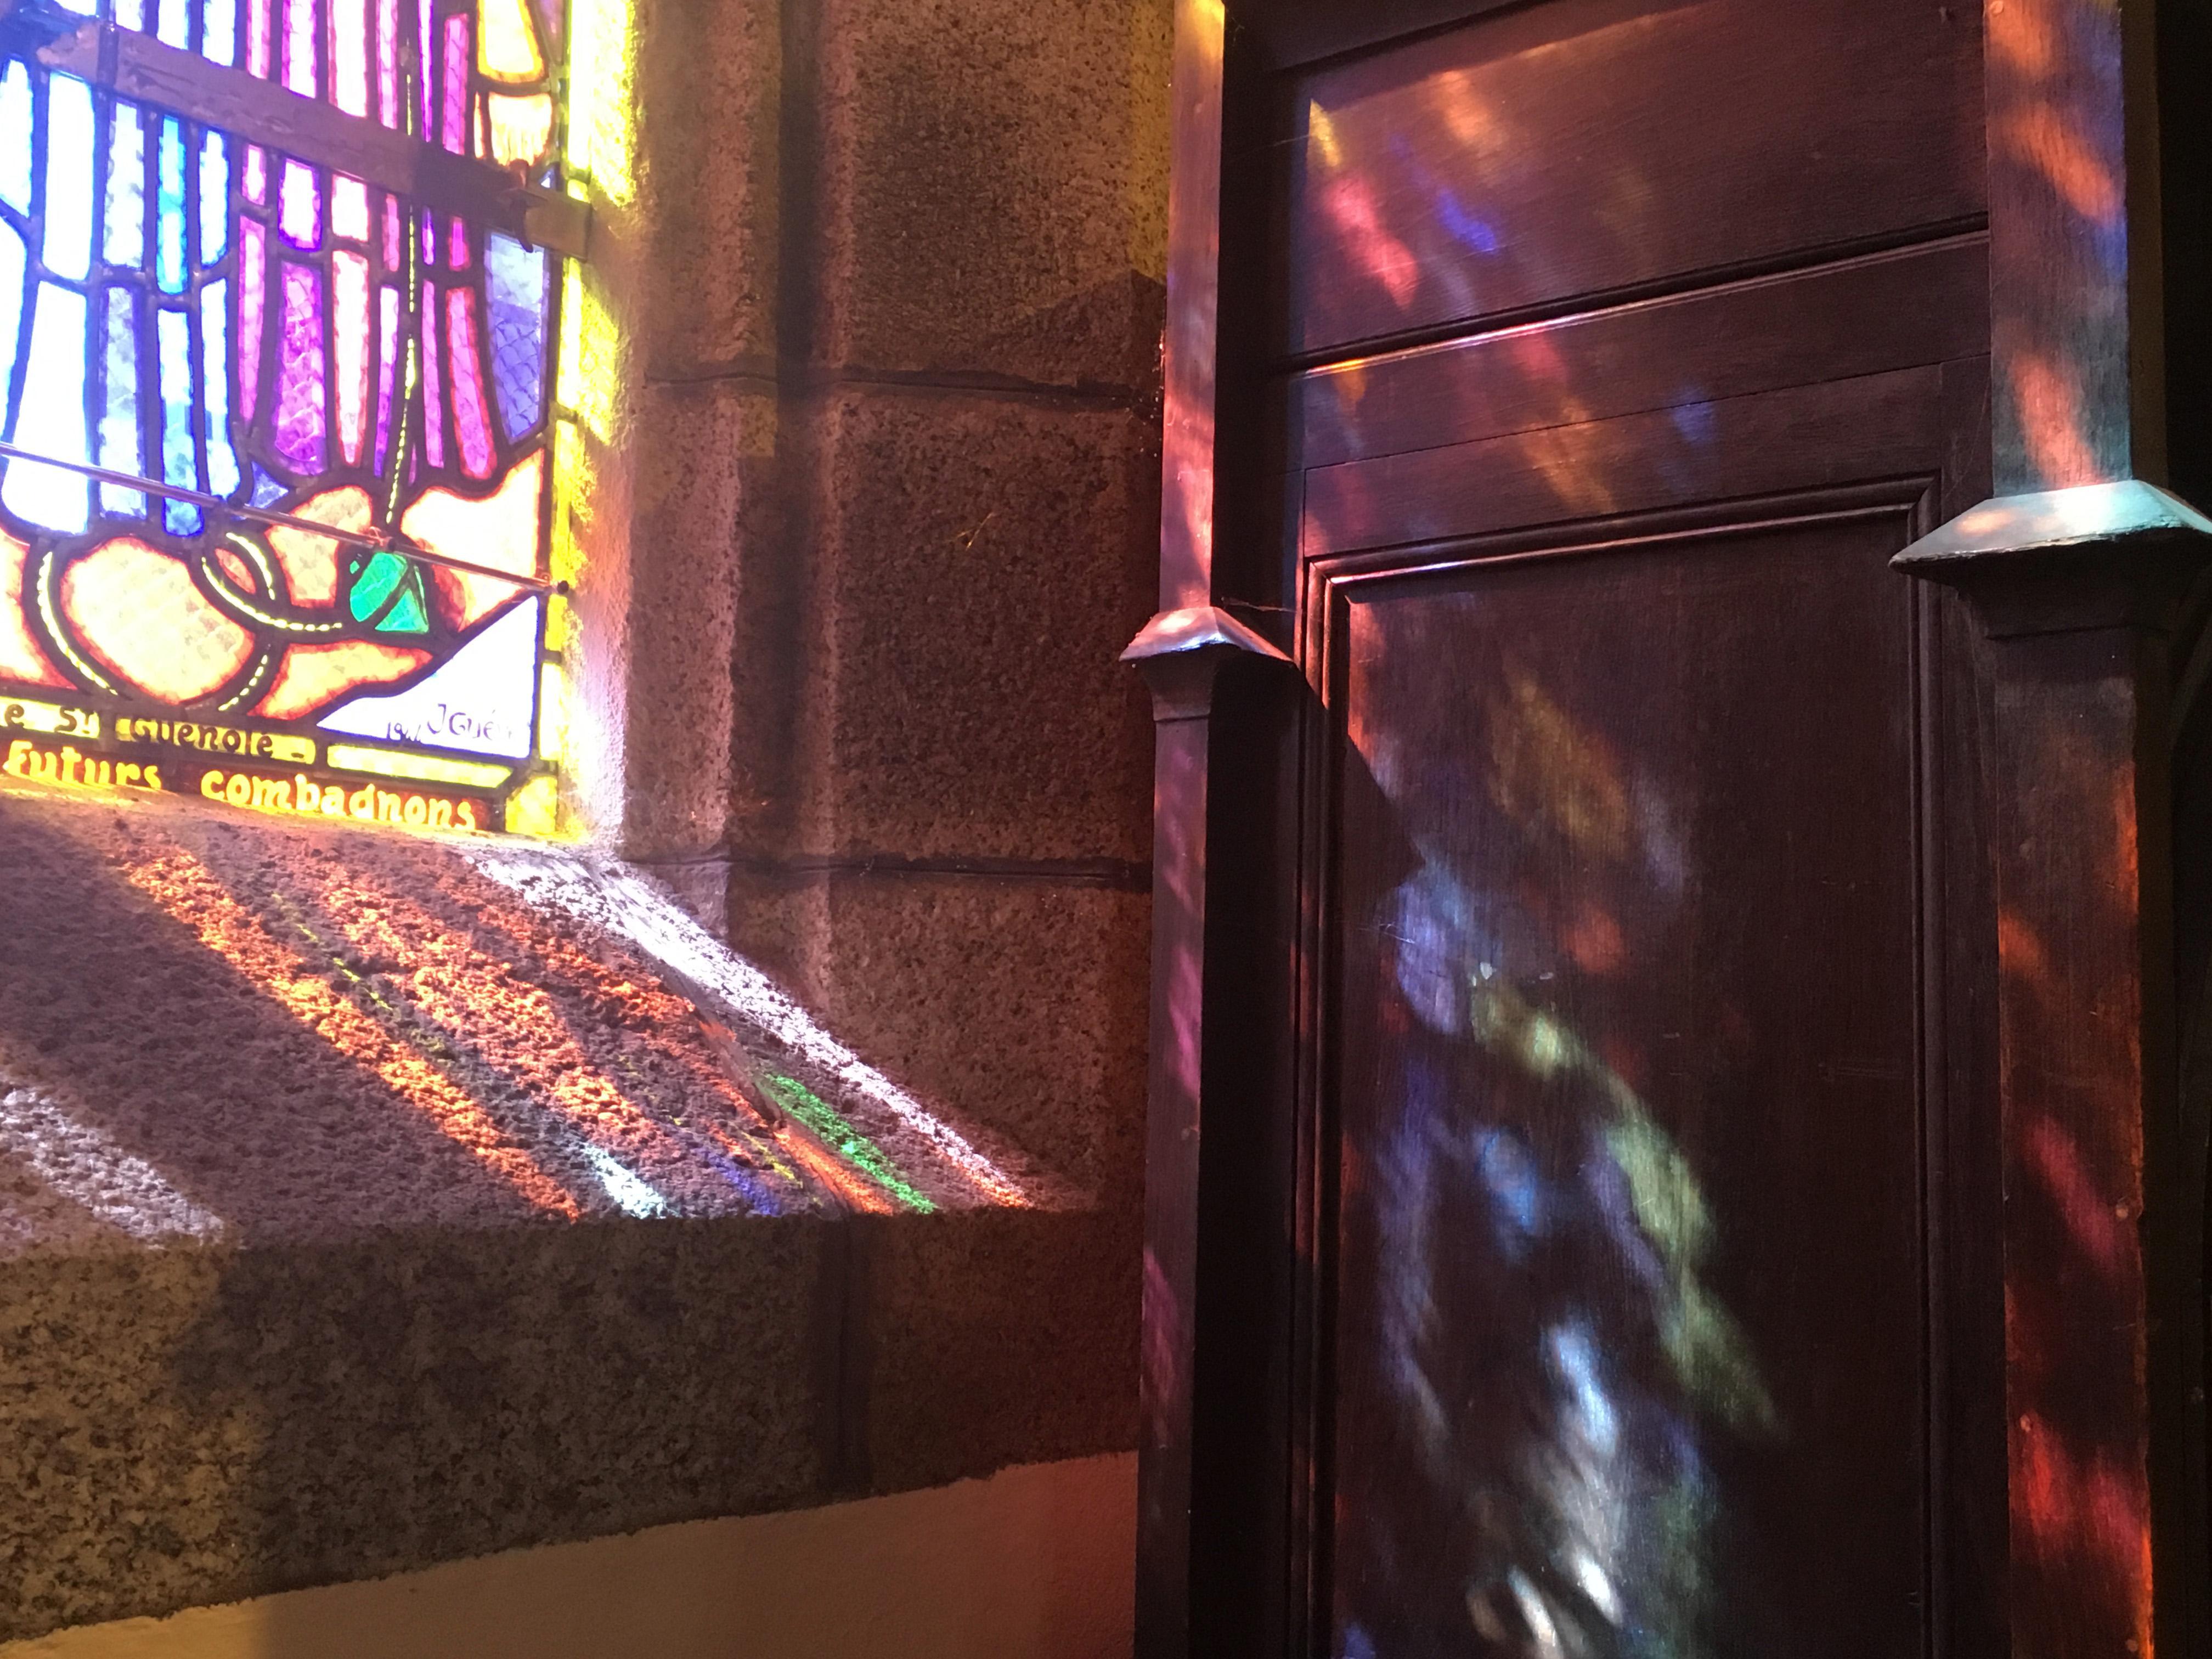 Солнечные витражи церковь Понт-Авен Бретань Eglise Saint-Joseph de Pont-Aven цвета и краски природы Альберт Сафиуллин